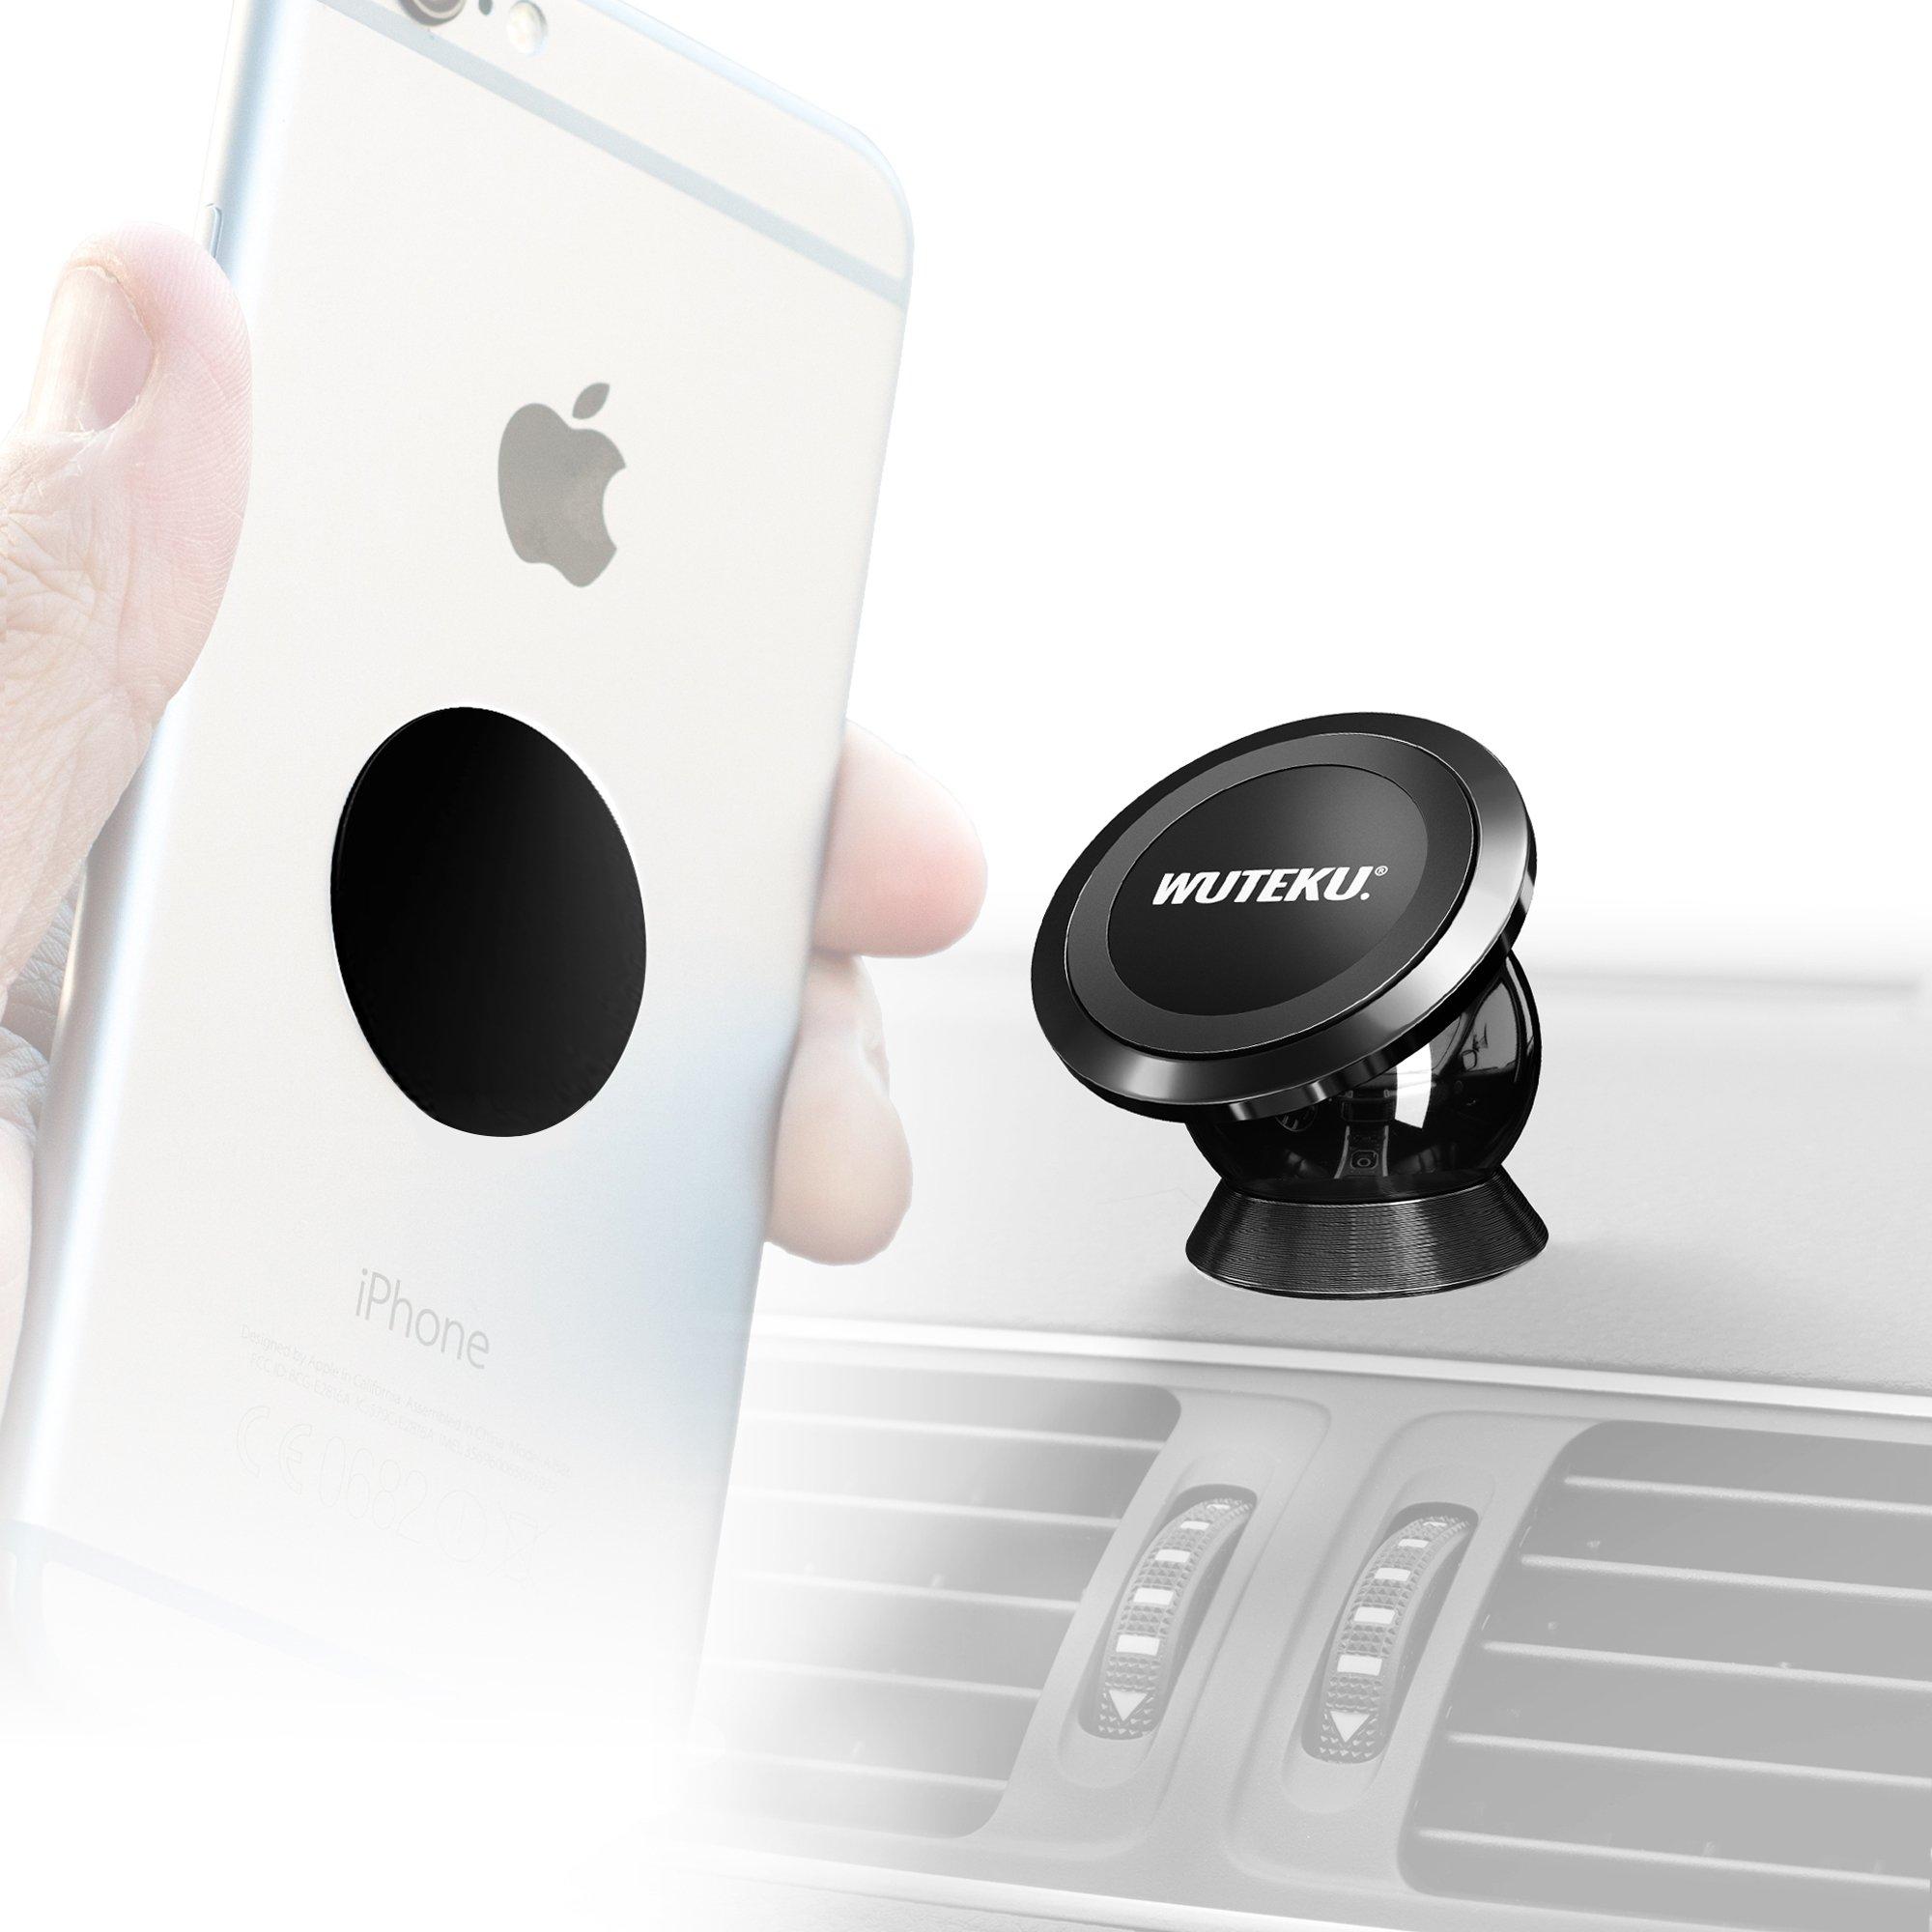 Soporte de celular para Auto | Completamente seguro y manos-libres | Un sujetador magnético extra fuerte | El mejor accesorio para conducir | funciona en cualquier vehículo y cualquier teléfono